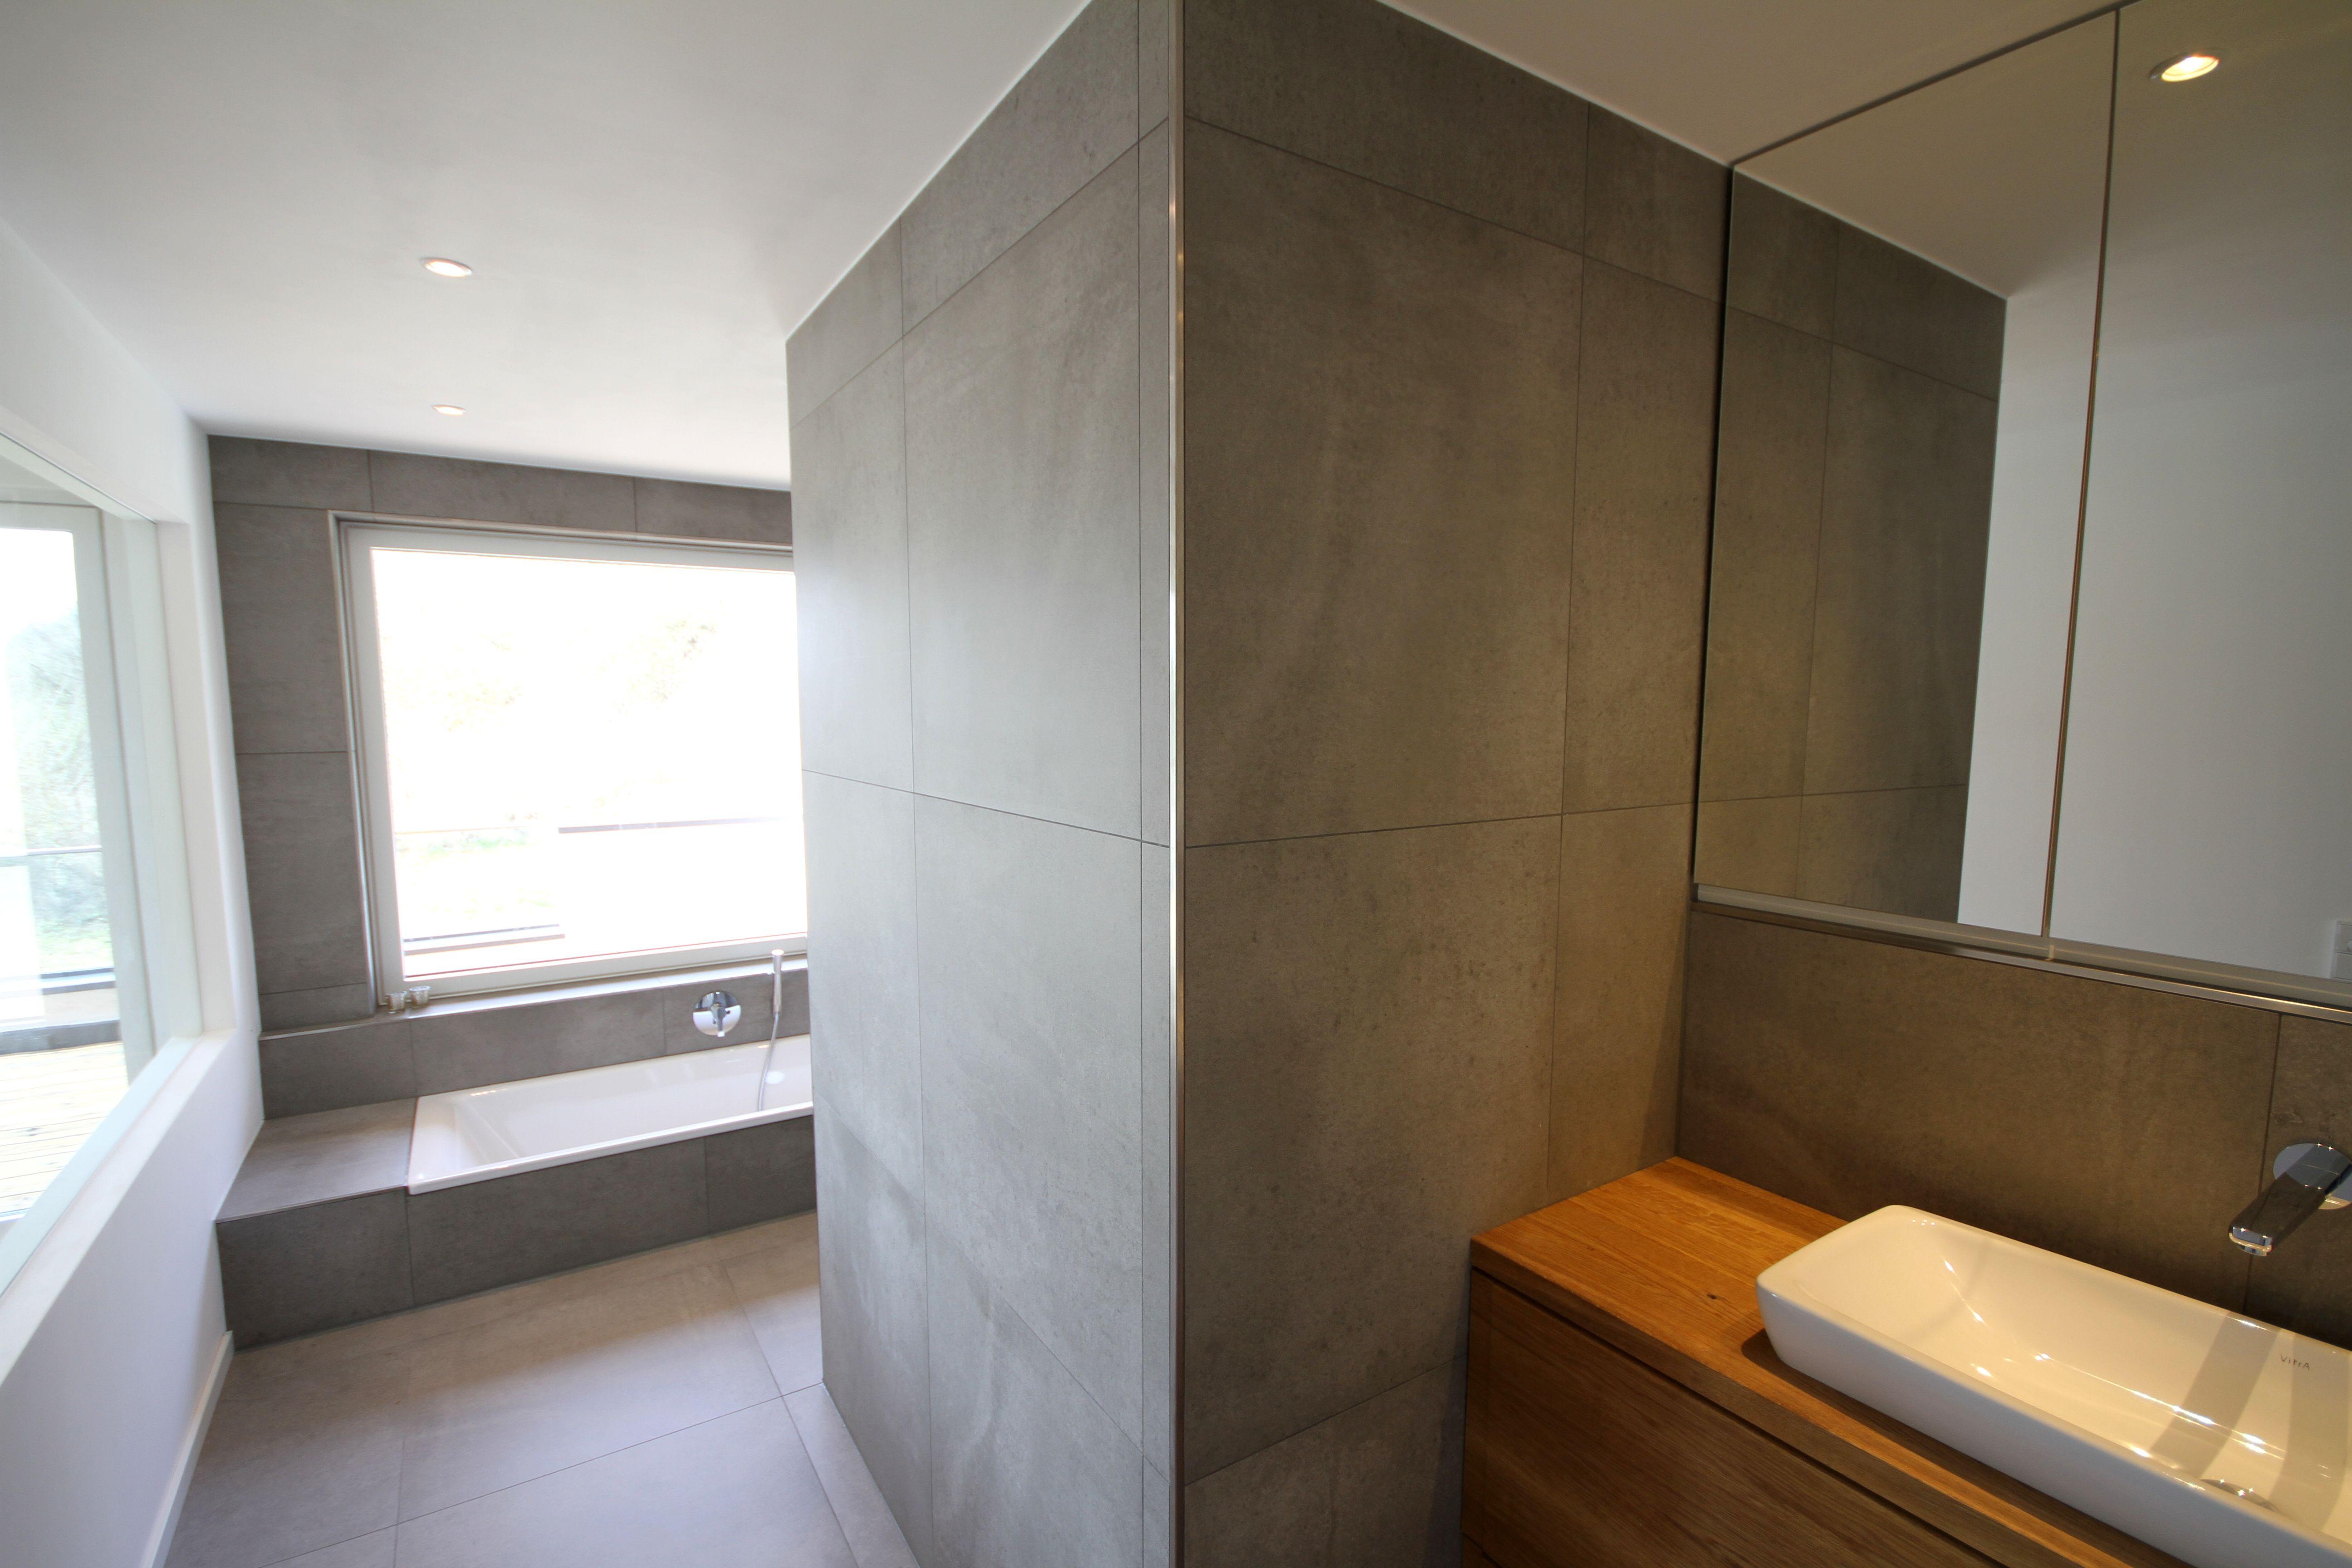 Badezimmer inkl. Waschtisch aus Eiche Massivholz, Spiegelschrank und ...